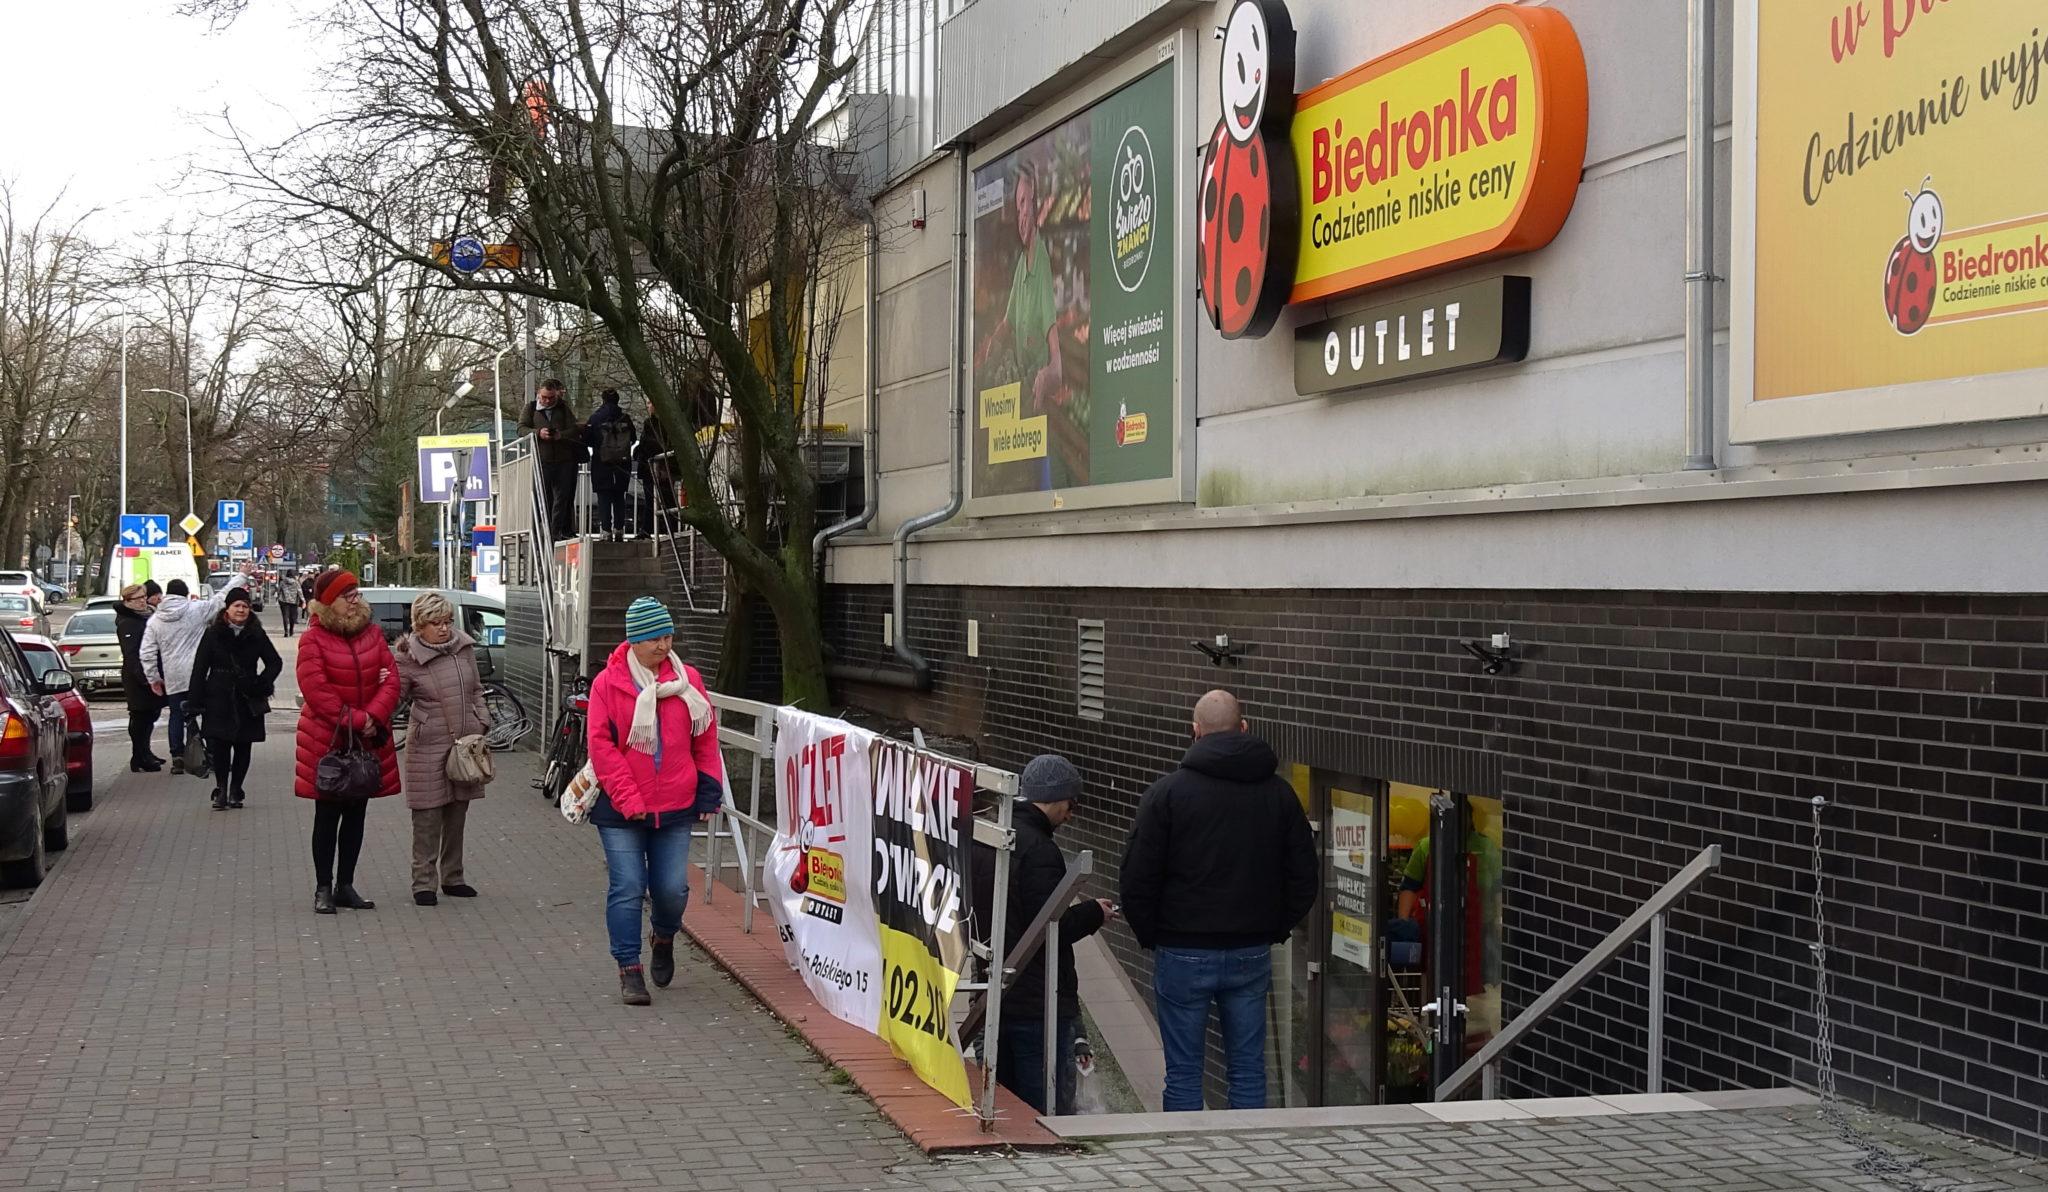 4 1 - Biedronka otwiera jutro w Kołobrzegu outlet. Wiemy co i o ile taniej będzie można tu kupić